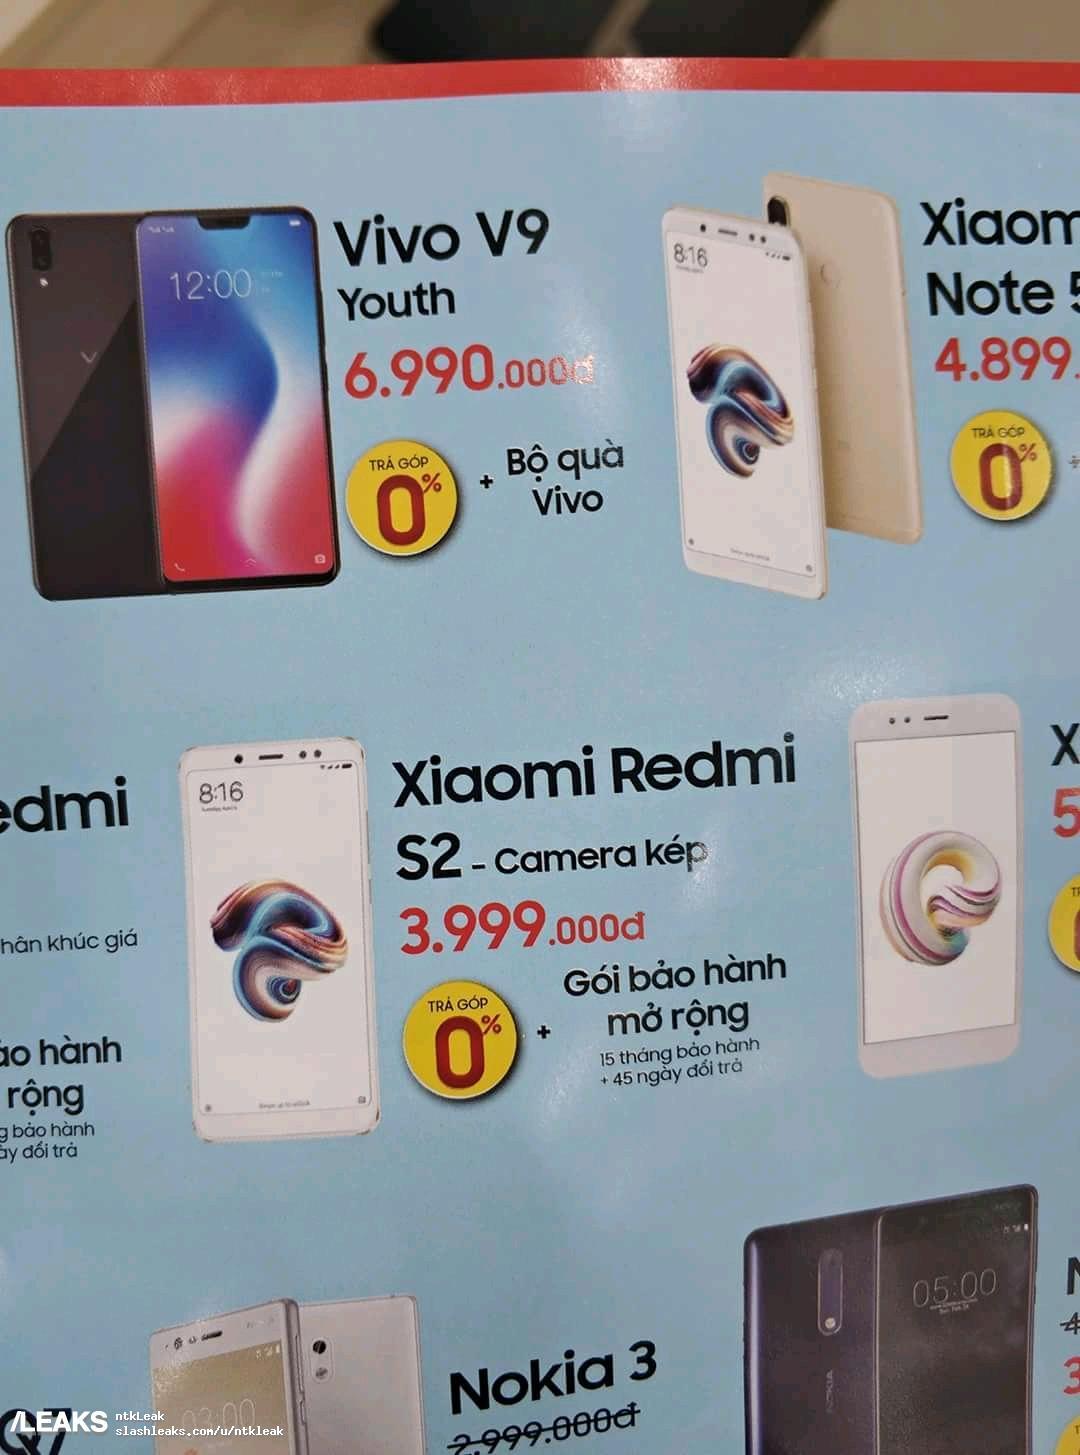 Rò rỉ hình hình ảnh thực tế Xiaomi Redmi S2 phiên bản màu hồng, giá 4 triệu VNĐ